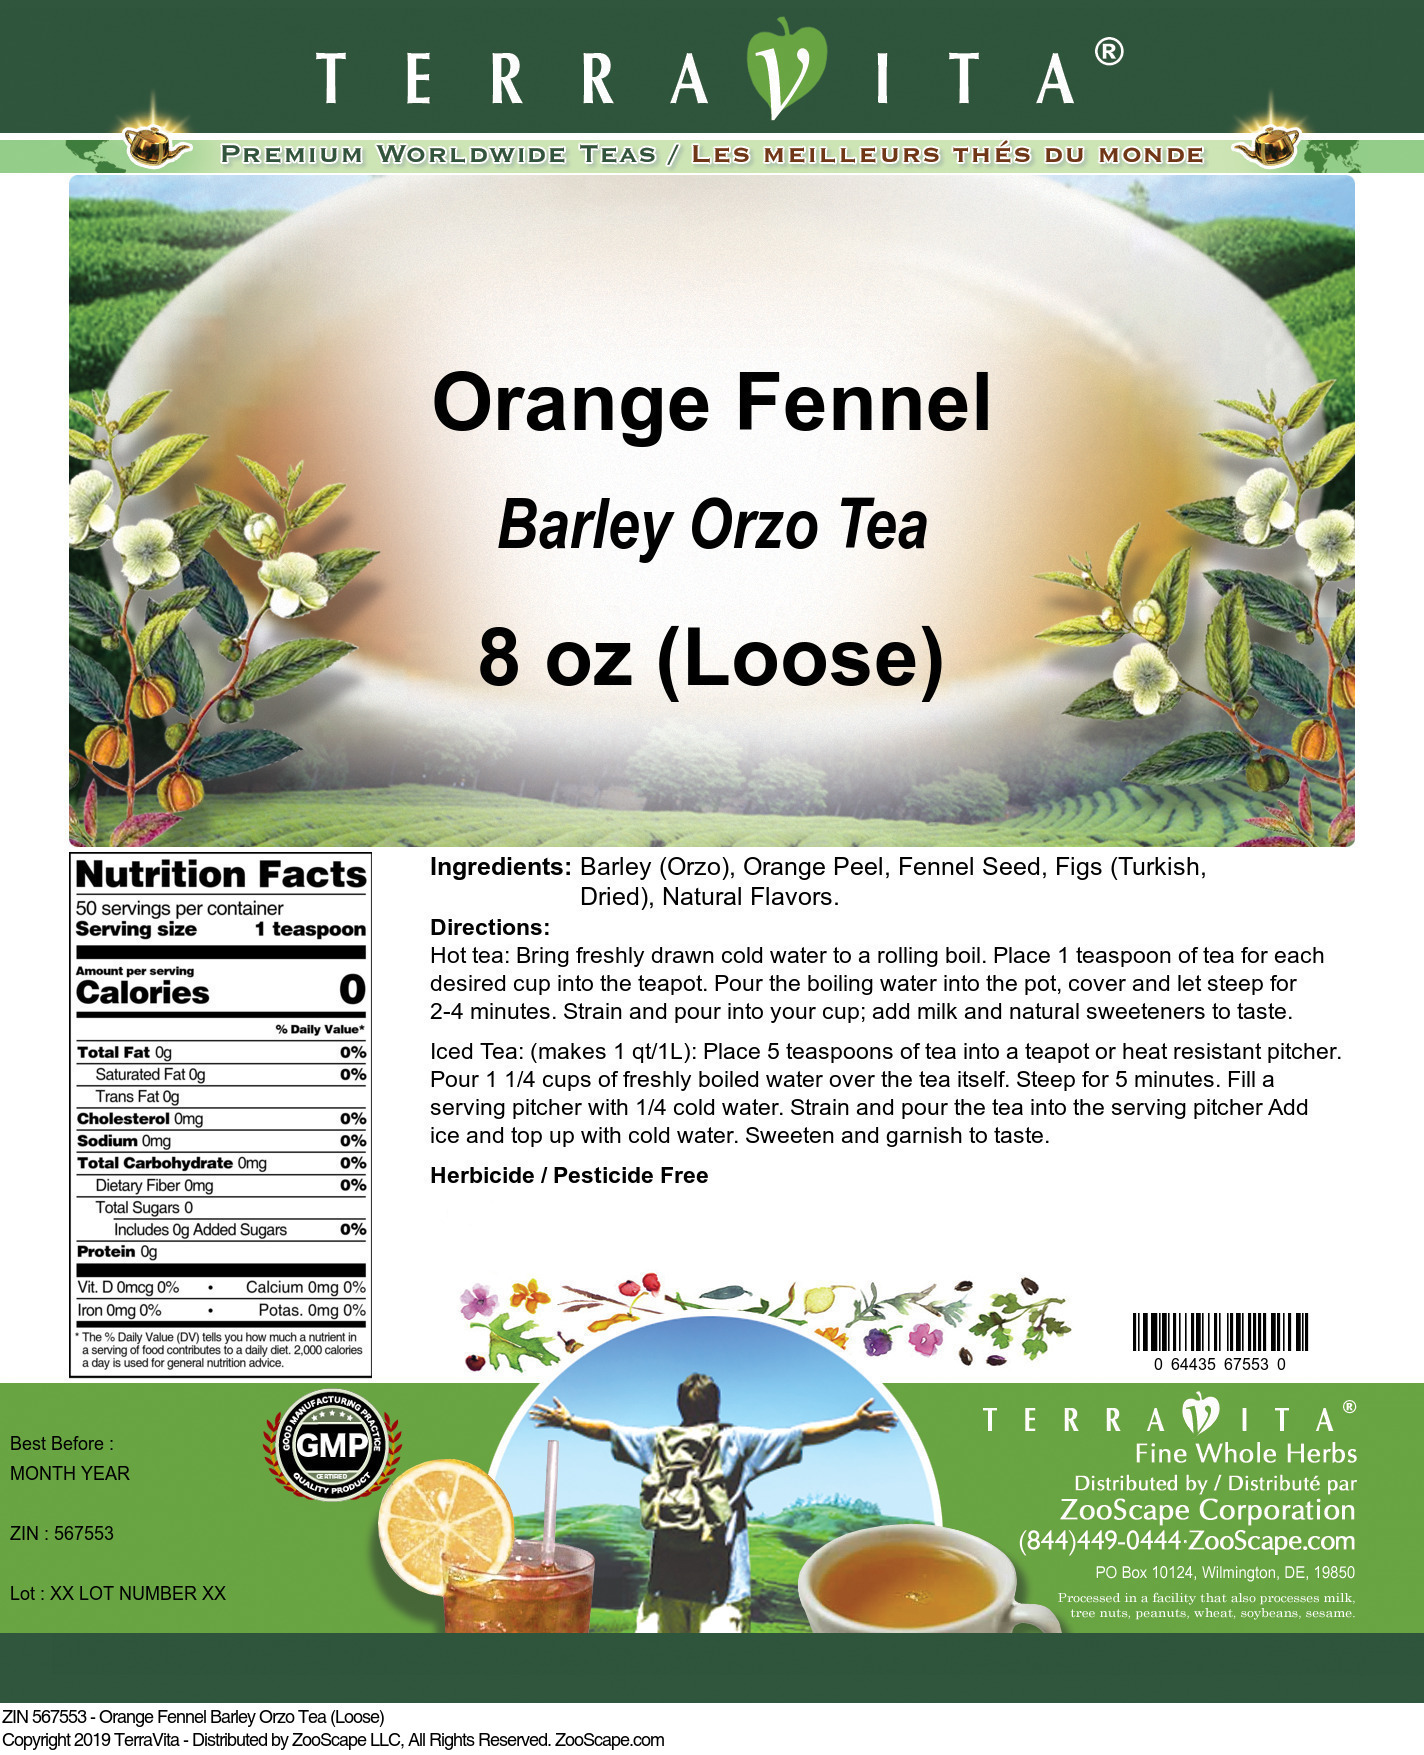 Orange Fennel Barley Orzo